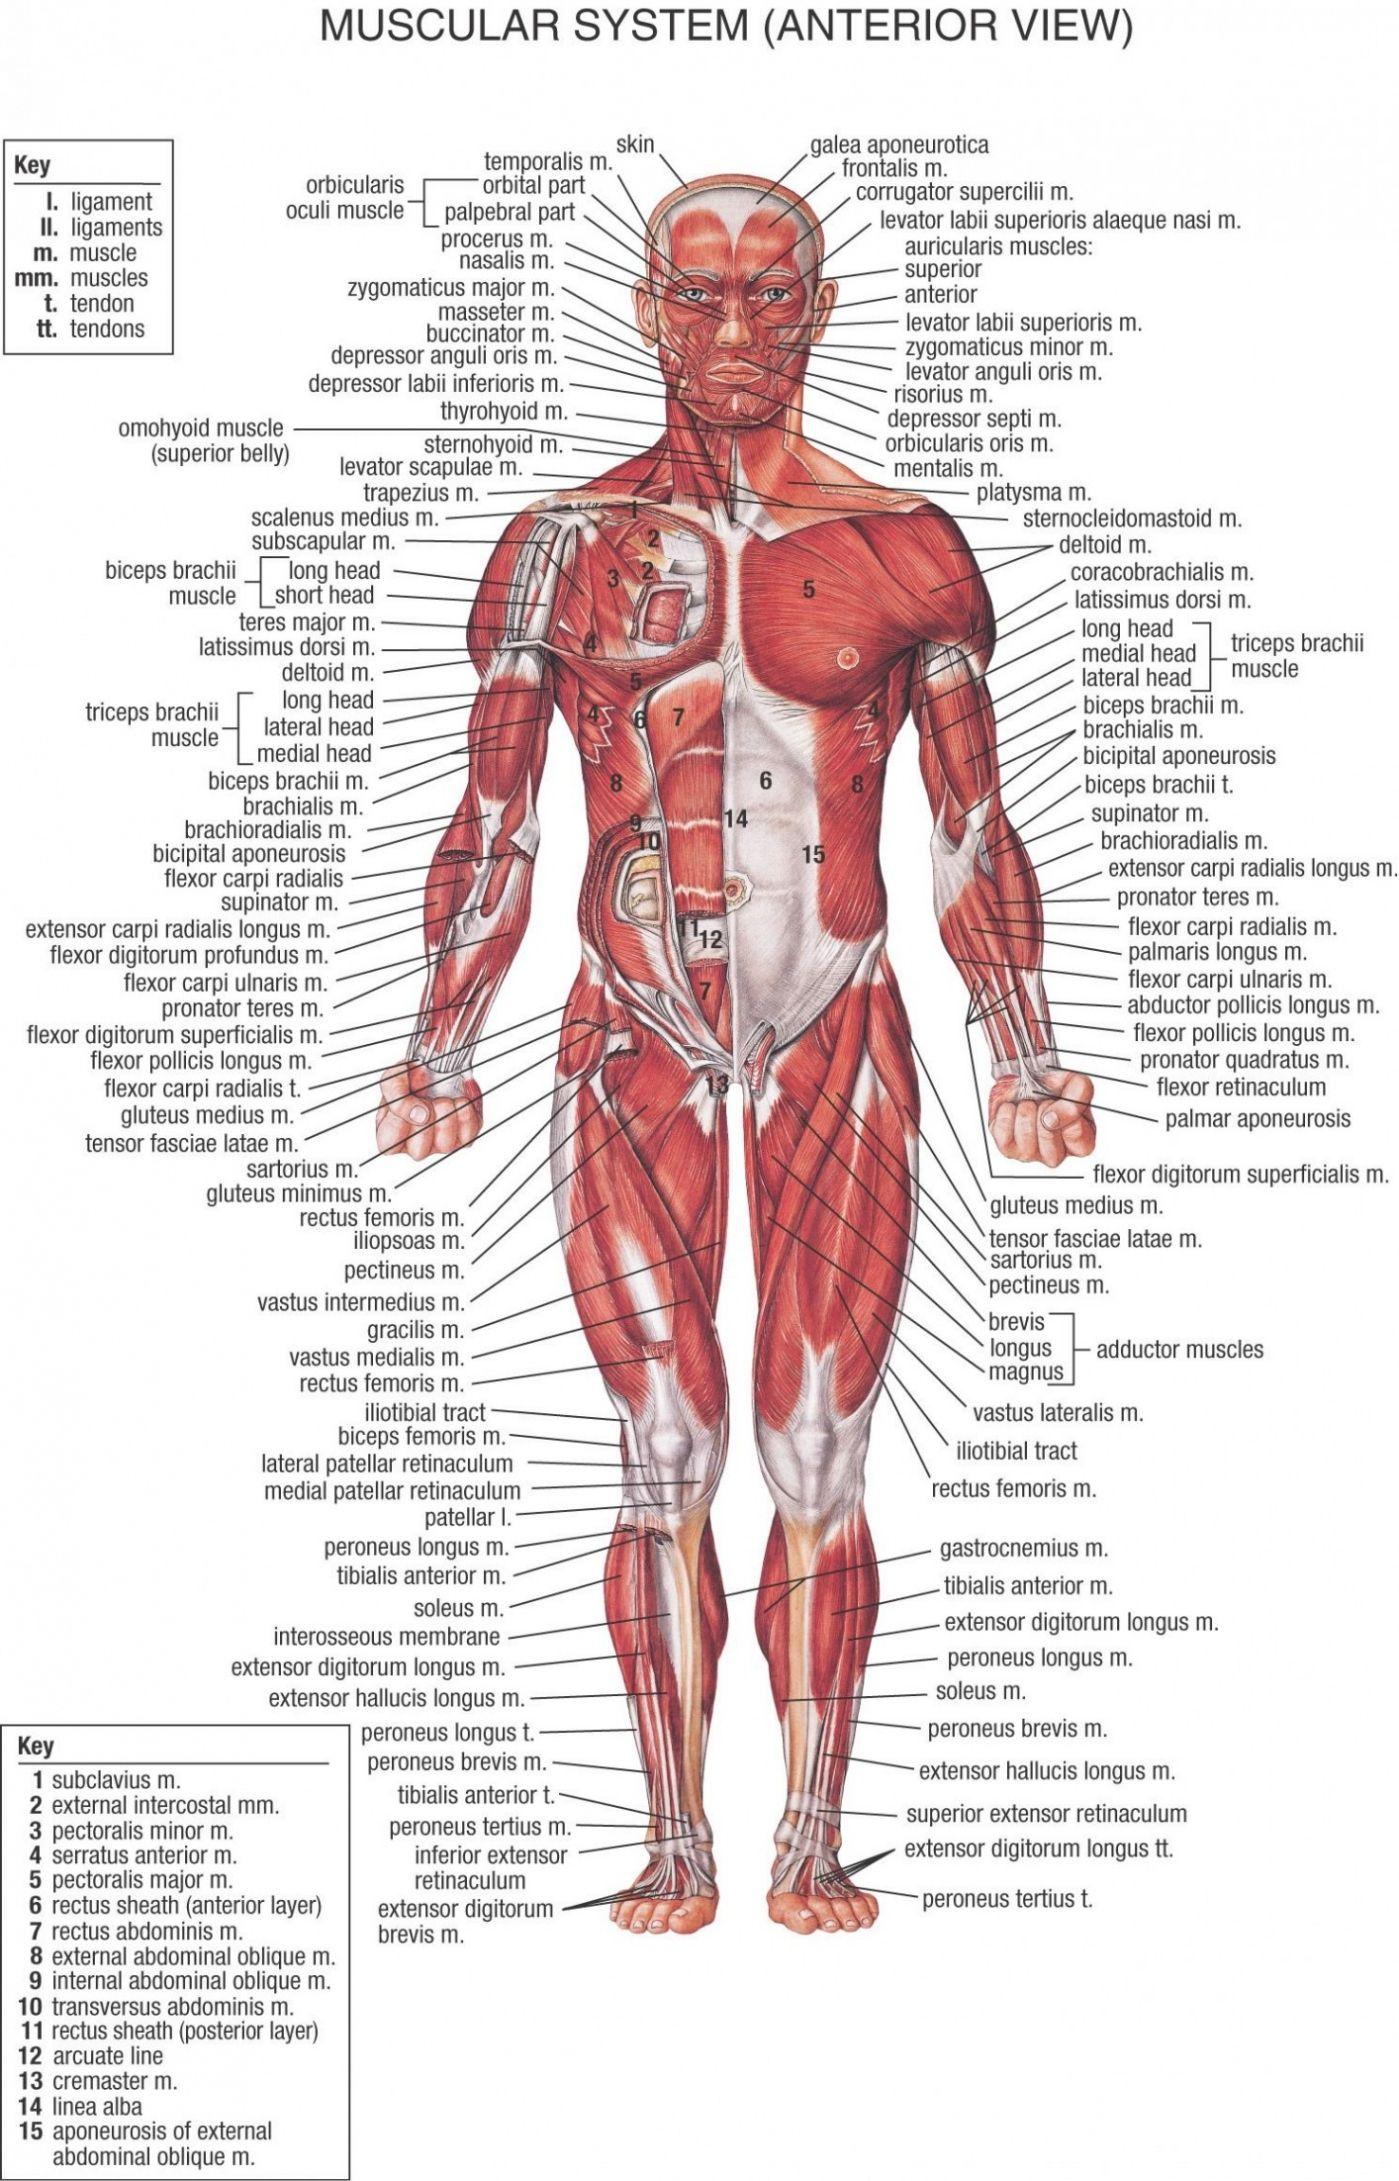 Internal Organ Diagram Back View.Human Body Organs Diagram From The Back Internal Organ